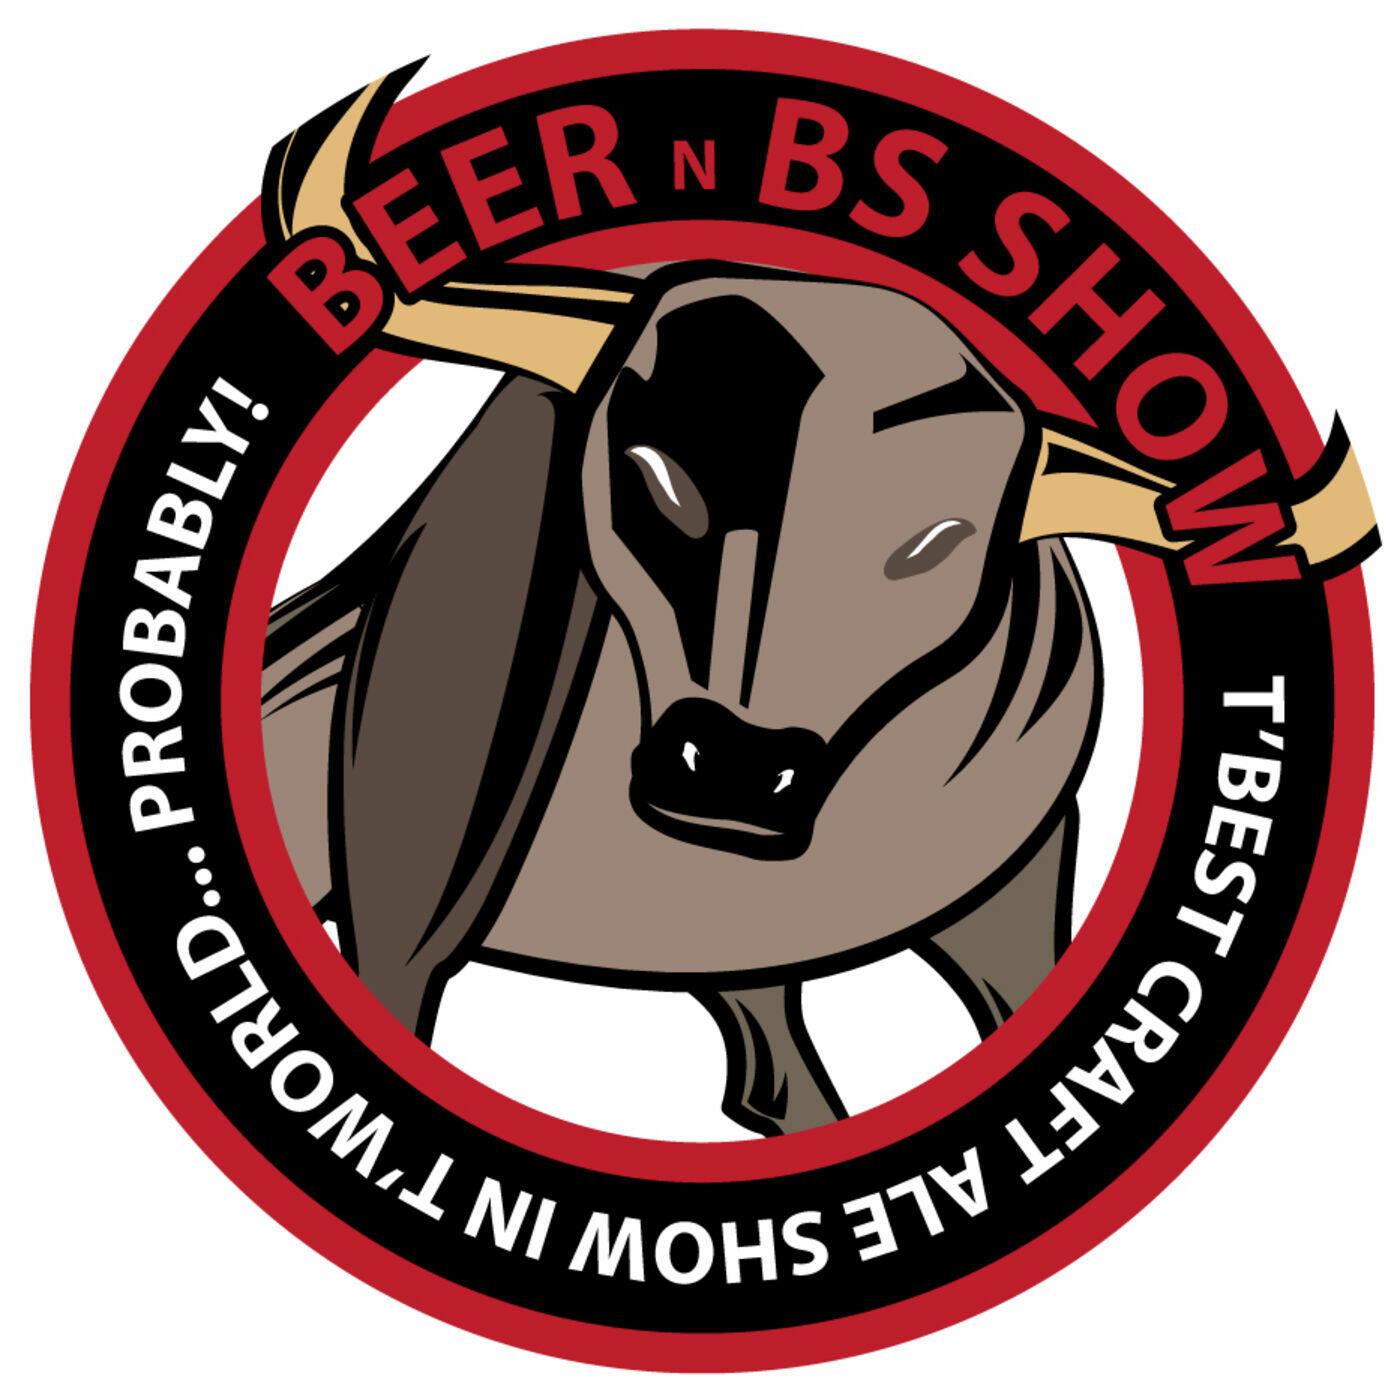 Beer n BS Show